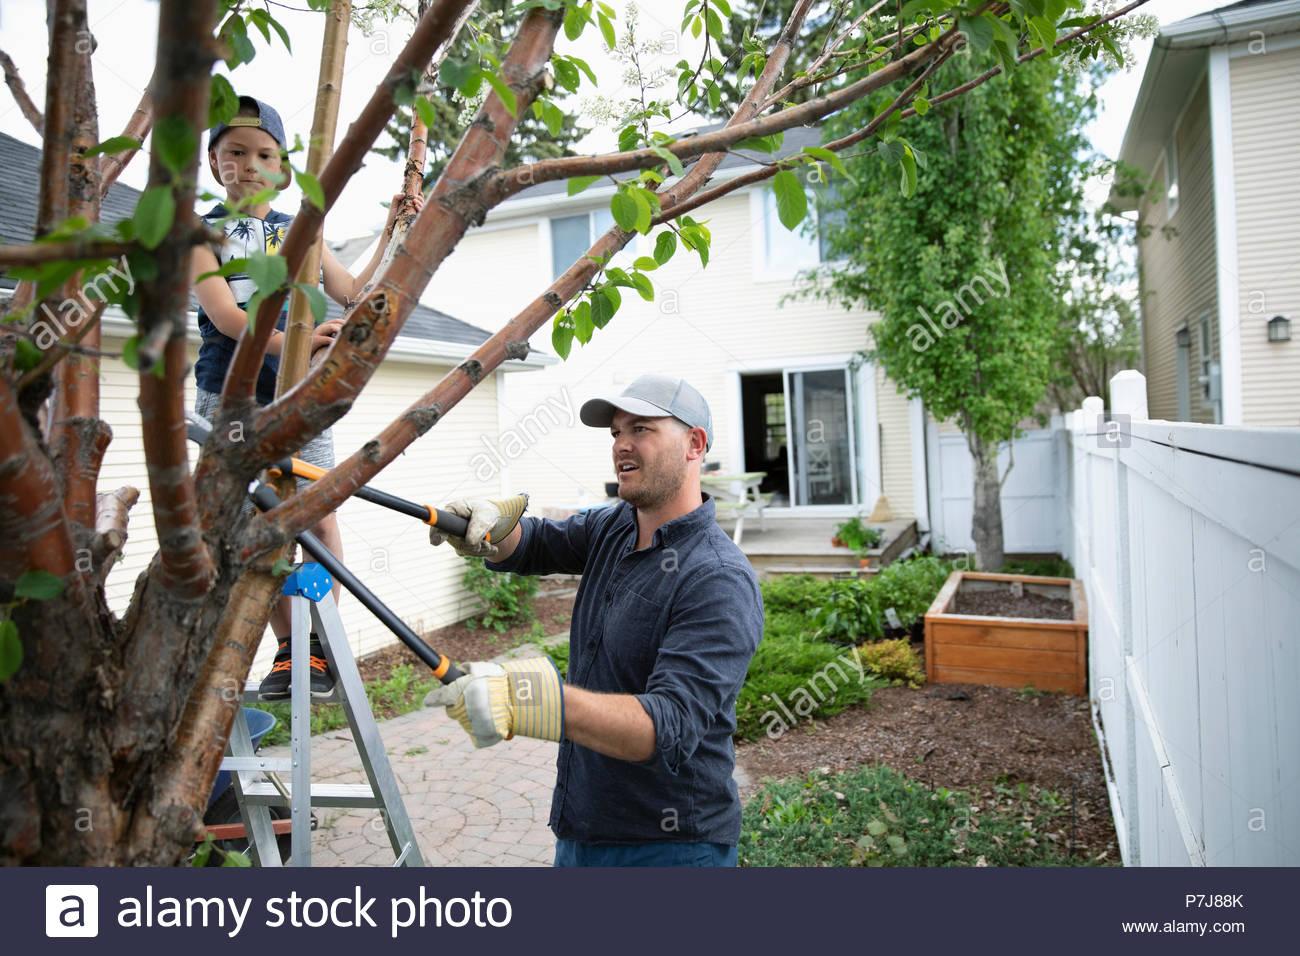 El padre y el hijo, trabajar en el jardín, la poda de árboles en el patio de atrás Imagen De Stock